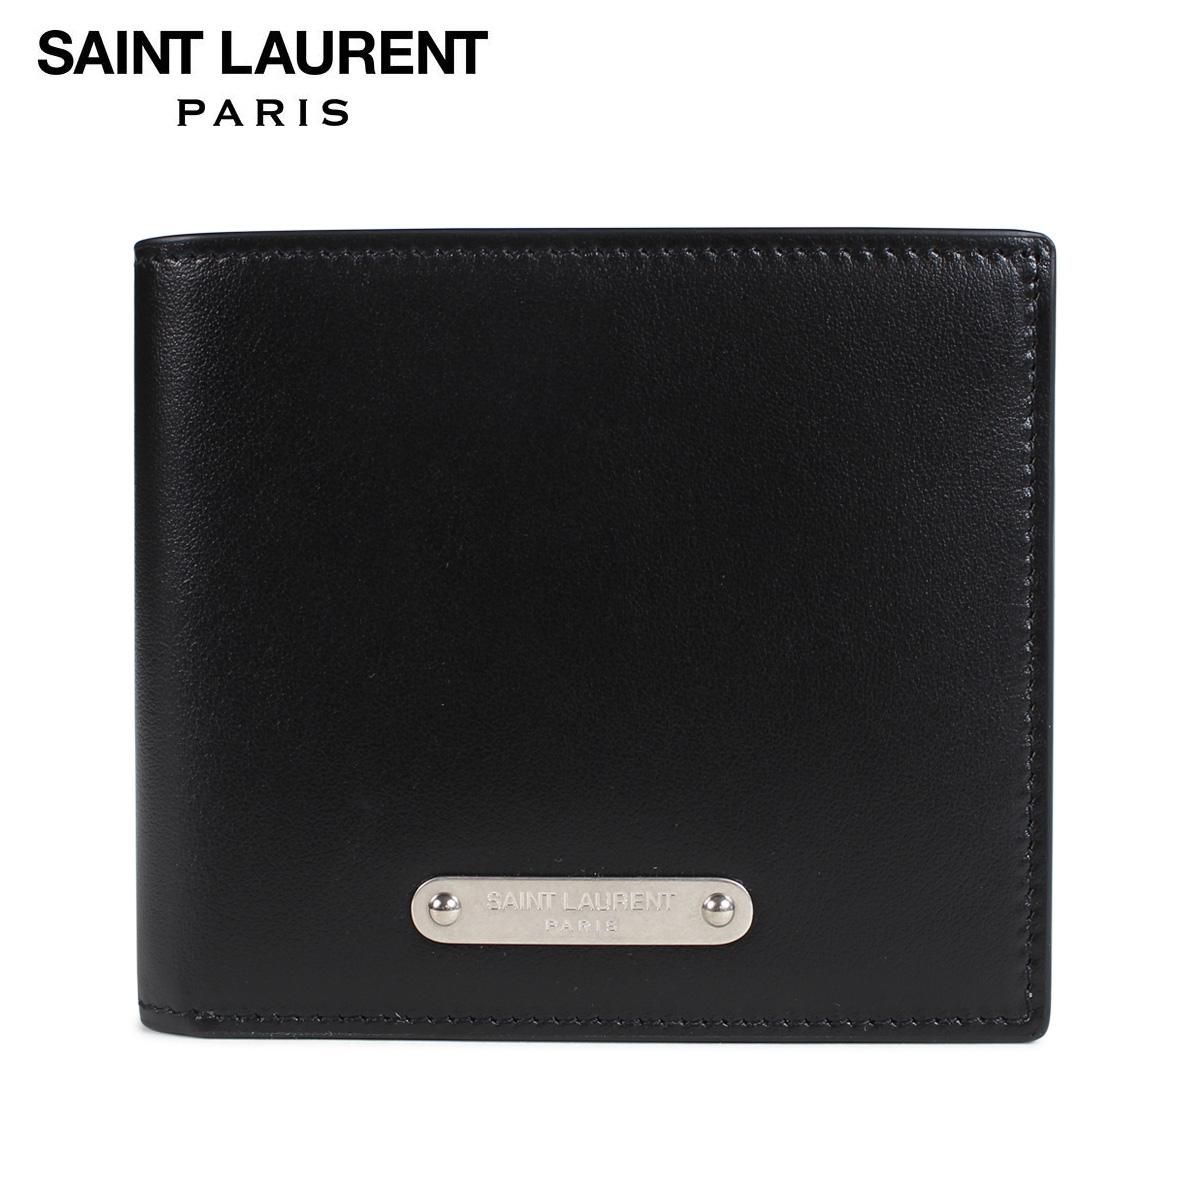 SAINT LAURENT PARIS サンローラン パリ 財布 二つ折り メンズ レディース LEATHER WALLET ブラック 黒 462357 DV70E